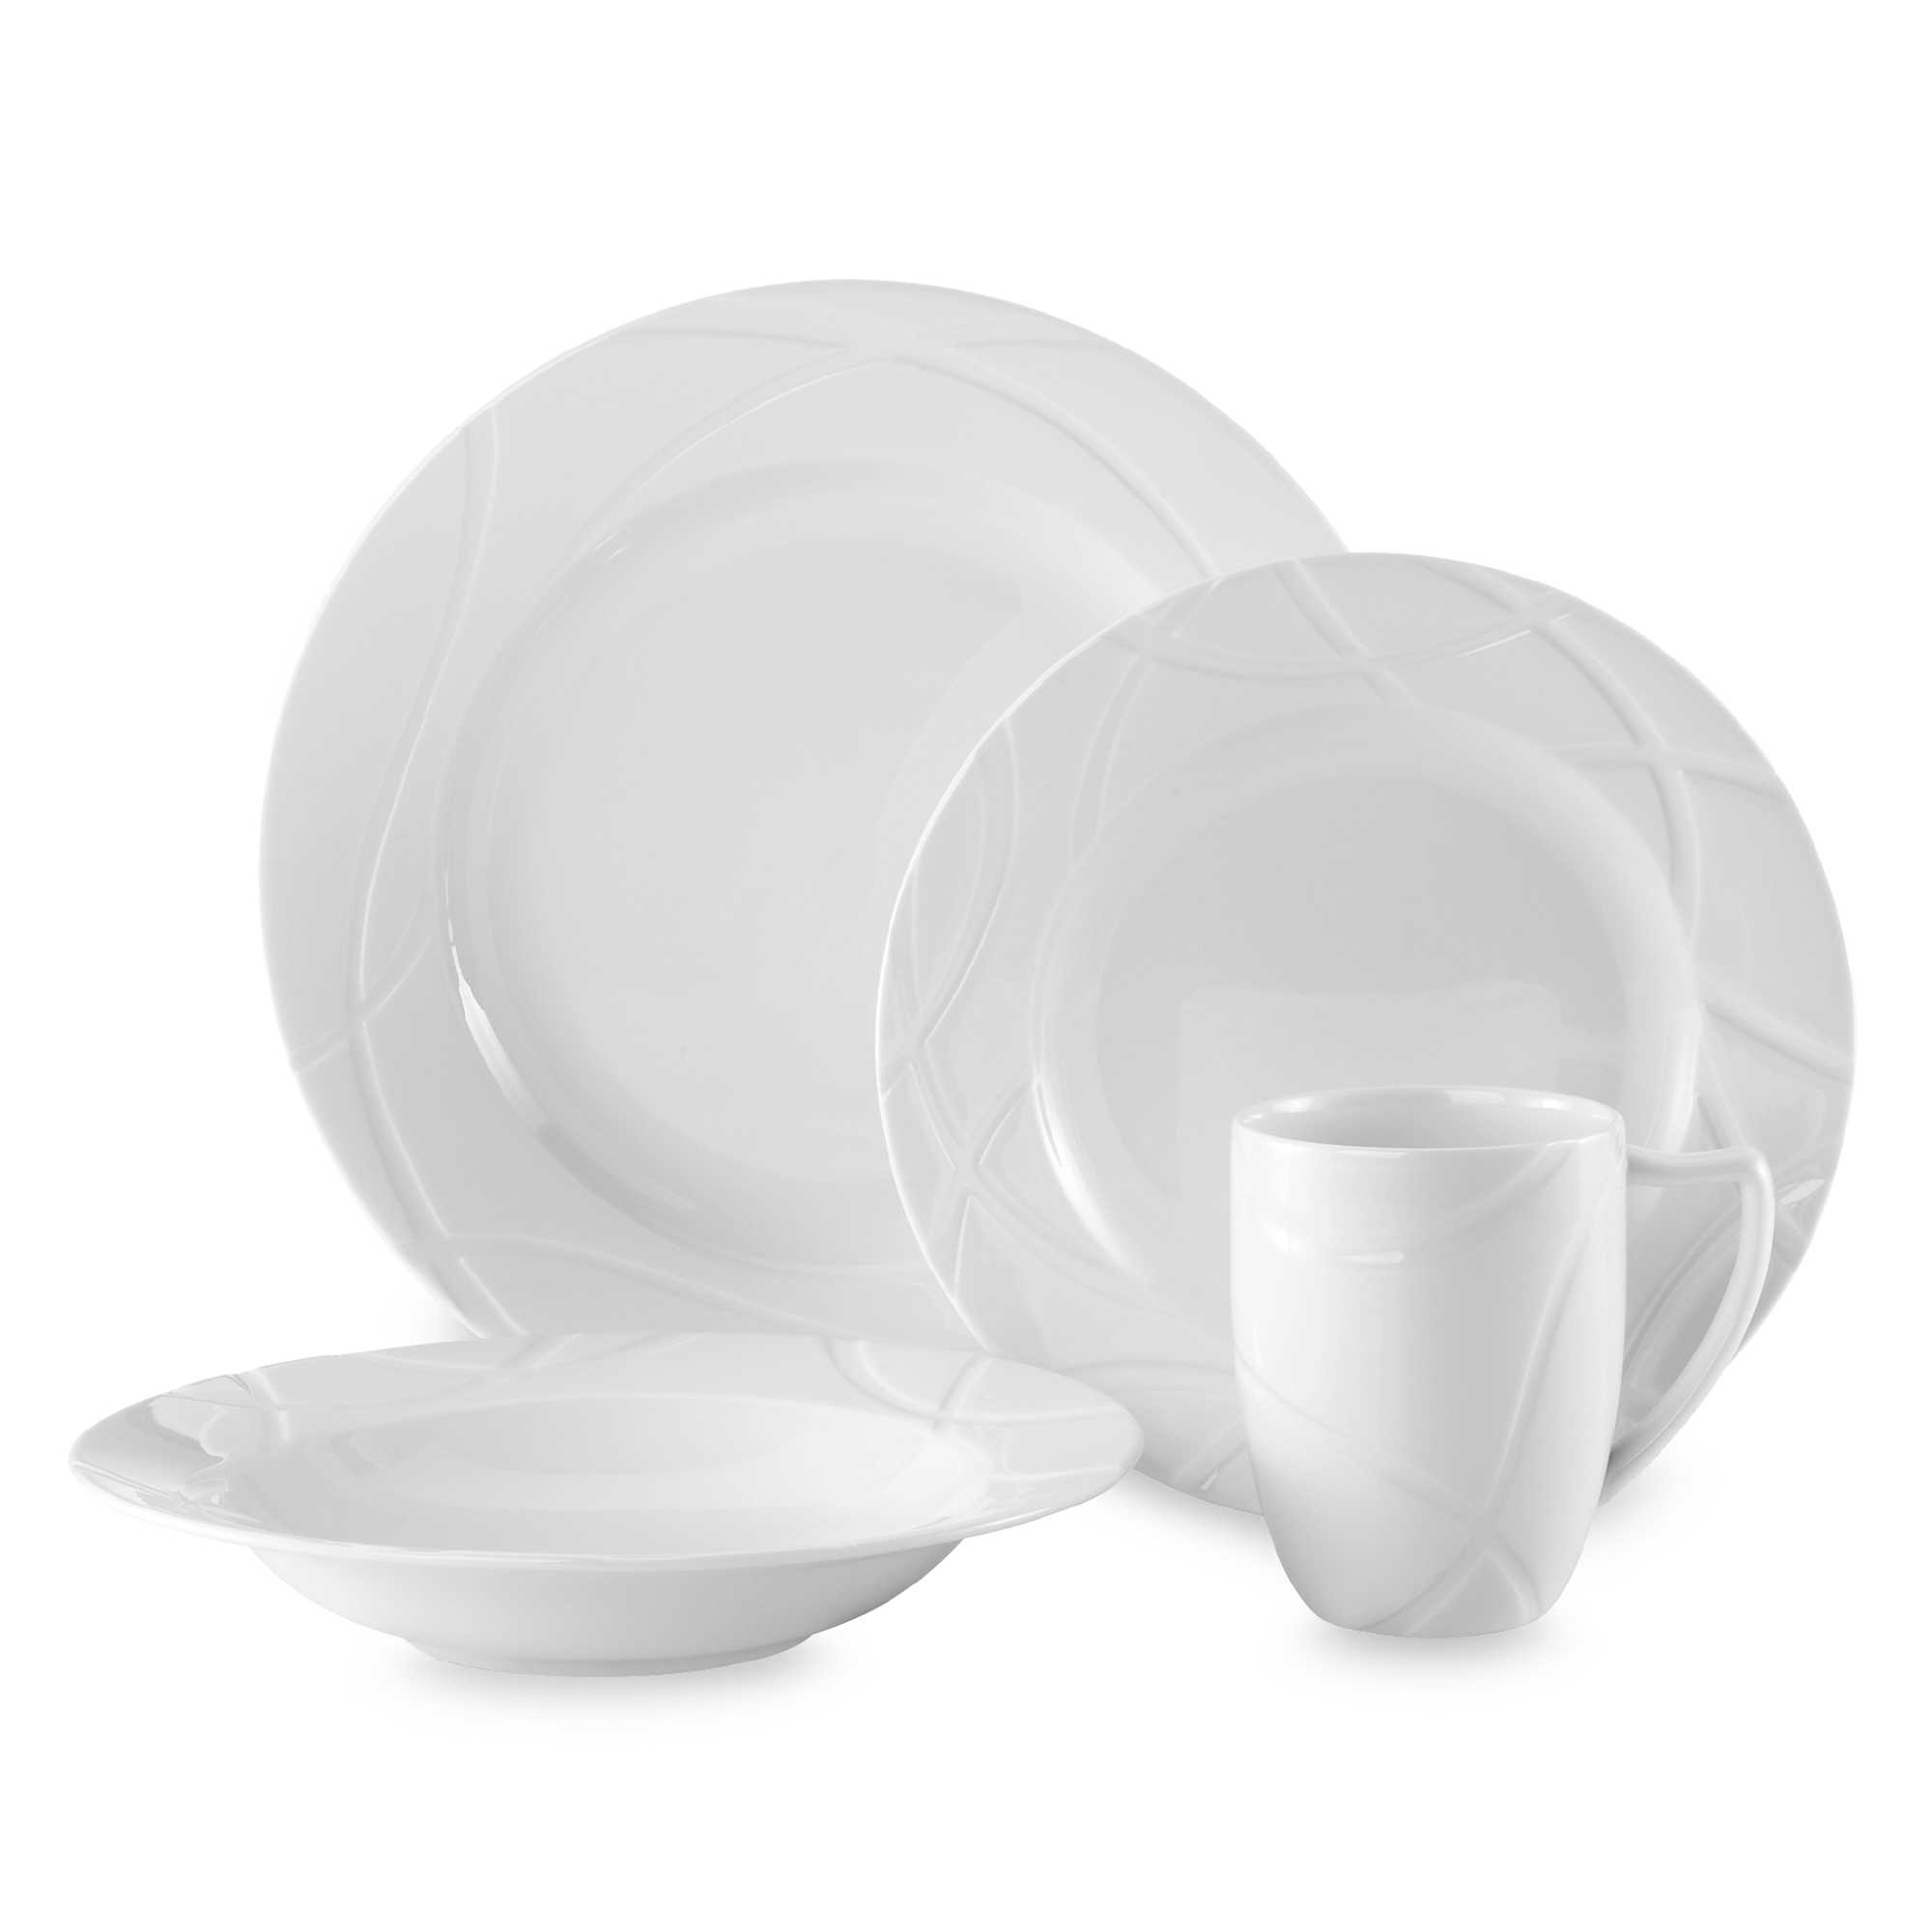 crown dinnerware set images